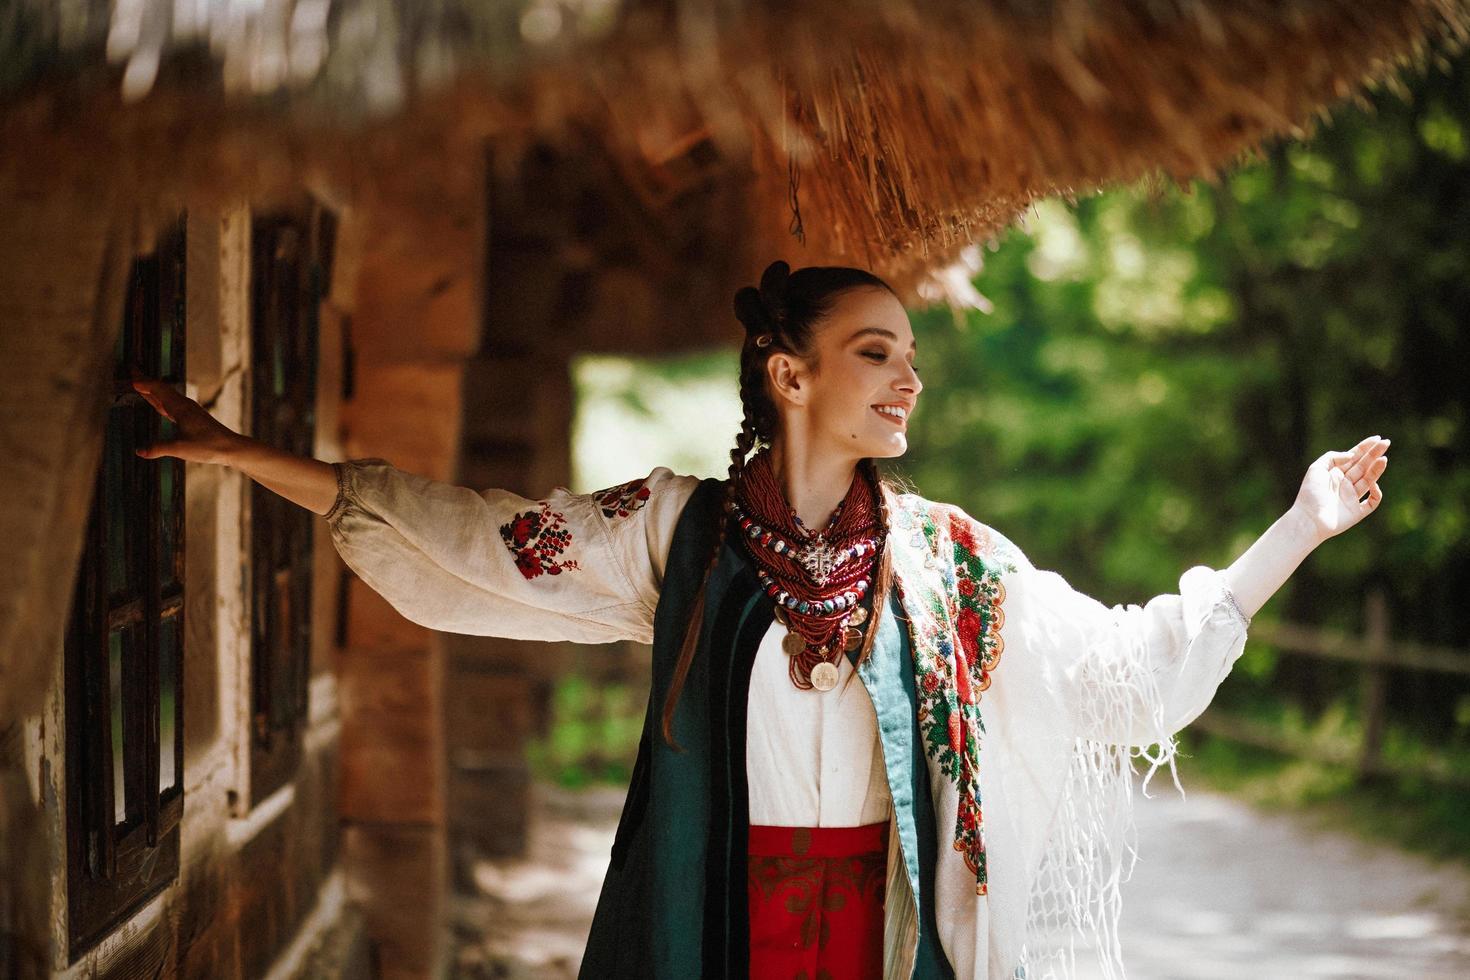 schönes Mädchen in einem traditionellen ukrainischen Kleid tanzt und lächelt foto